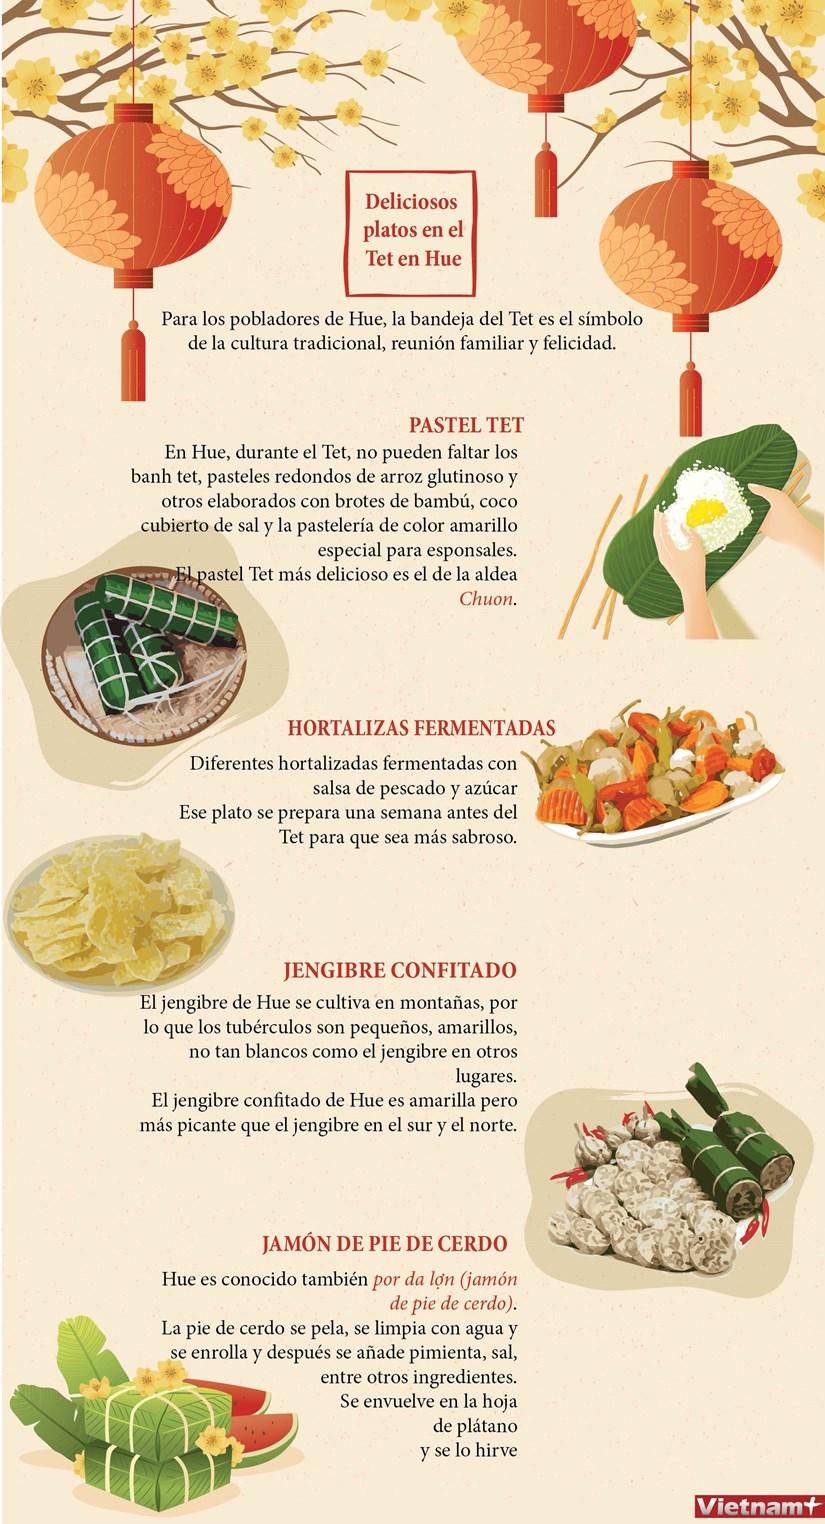 Platos deliciosos durante el Tet en Hue hinh anh 1